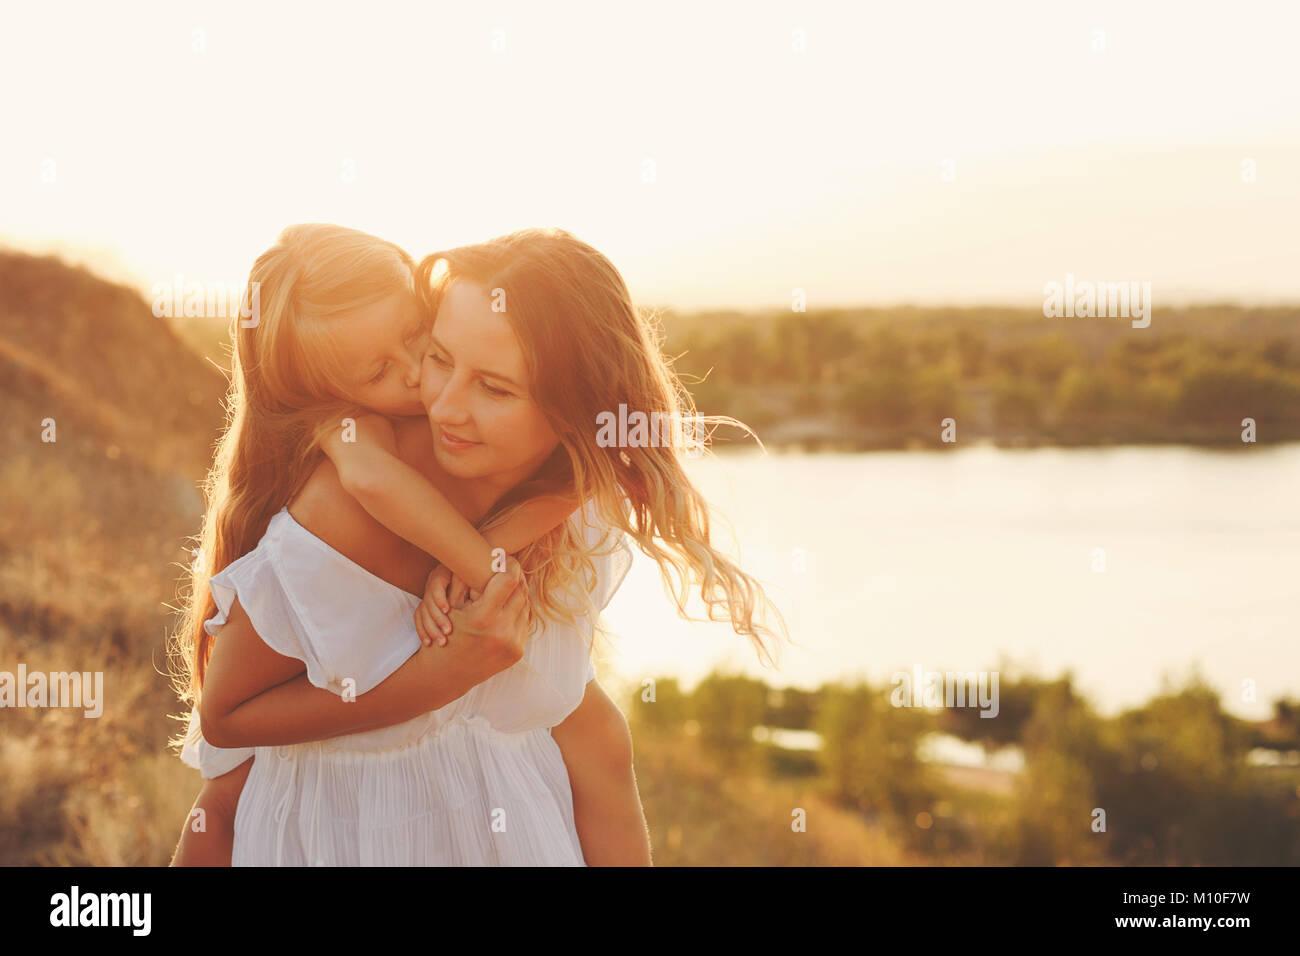 La madre de la hija de Piggyback. Niña feliz madre y besos en la mejilla. Diversión en familia en el campo. Imagen De Stock